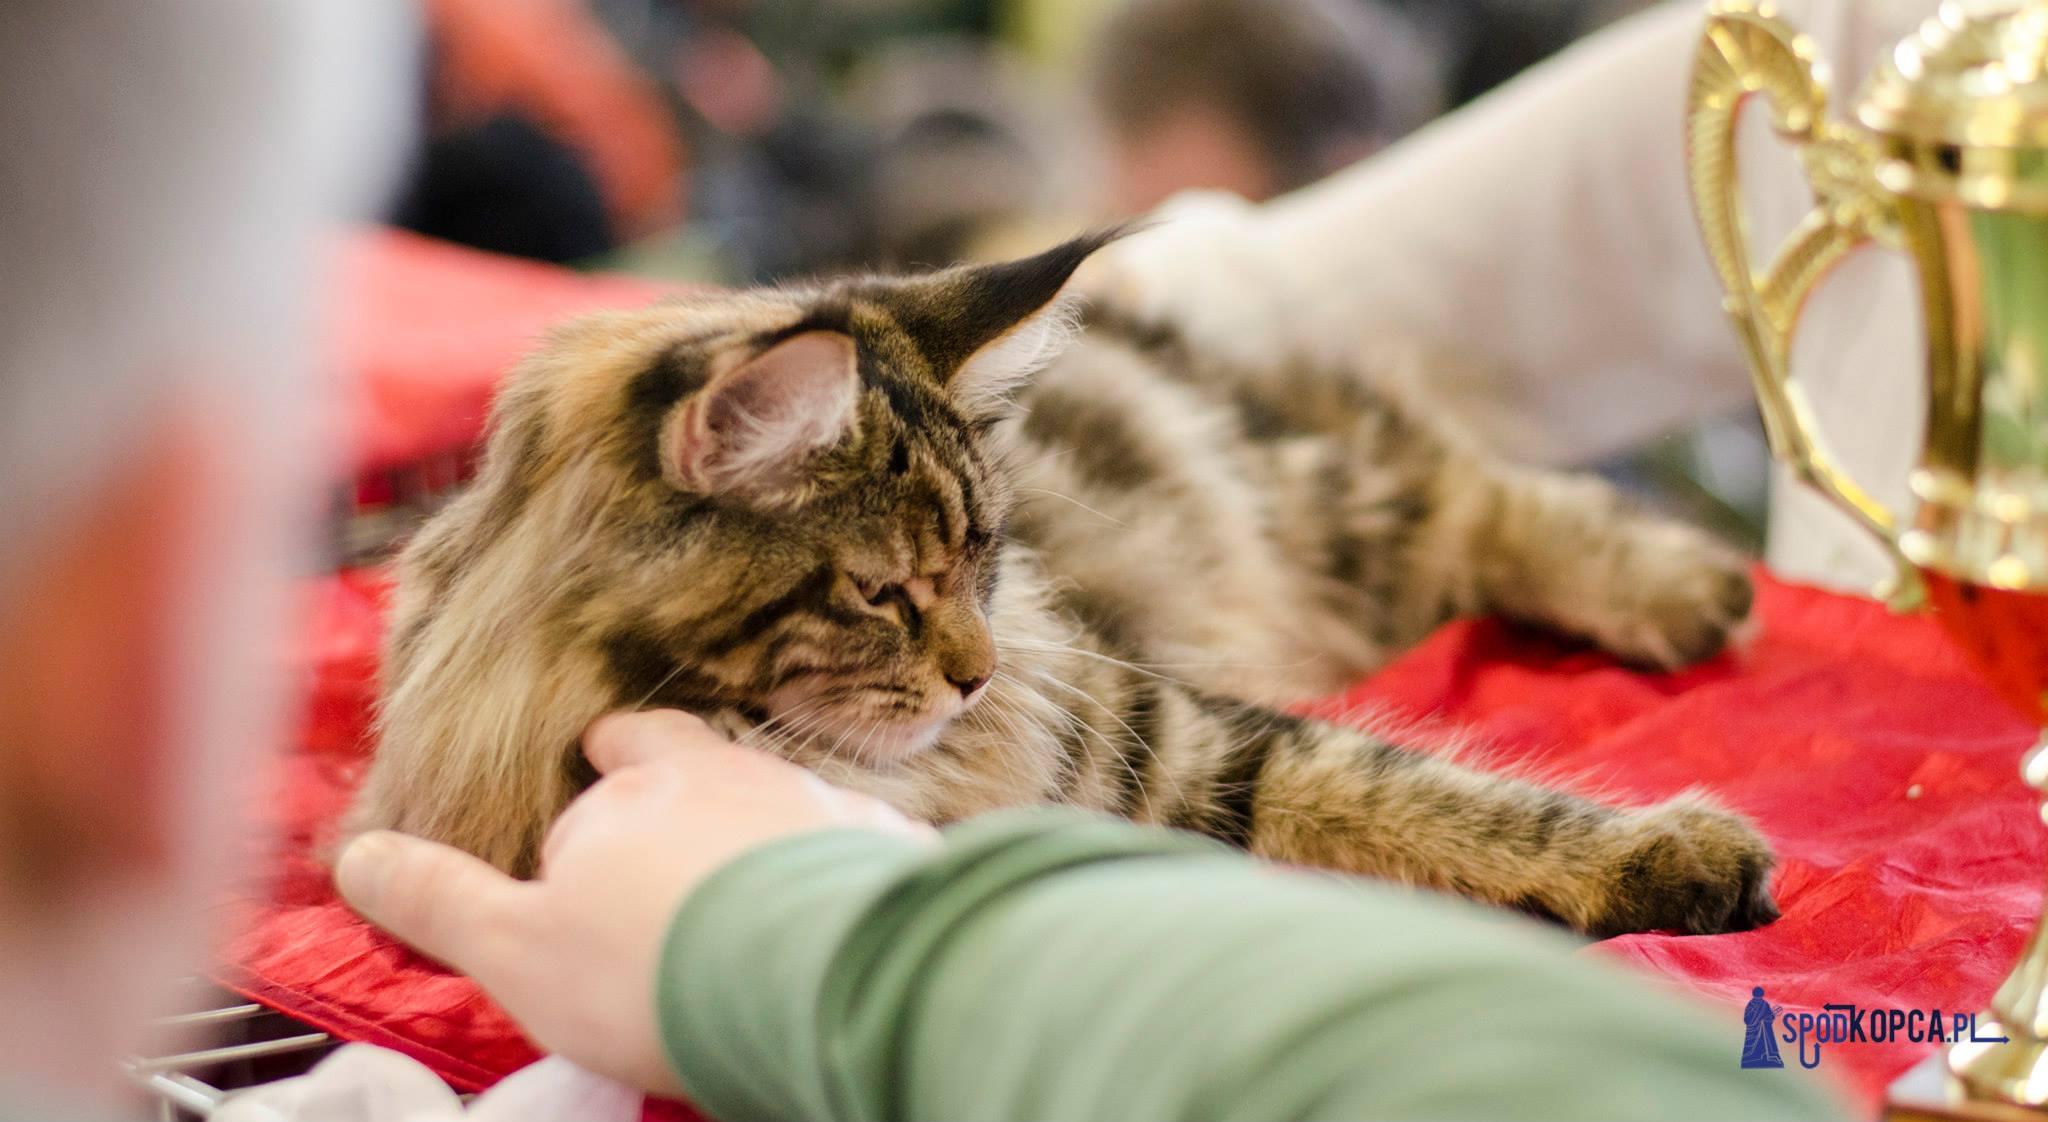 Międzynarodowa Wystawa Kotów Rasowych tym razem odbędzie się w Auli UMK [fot. Wojciech Leszczyński]